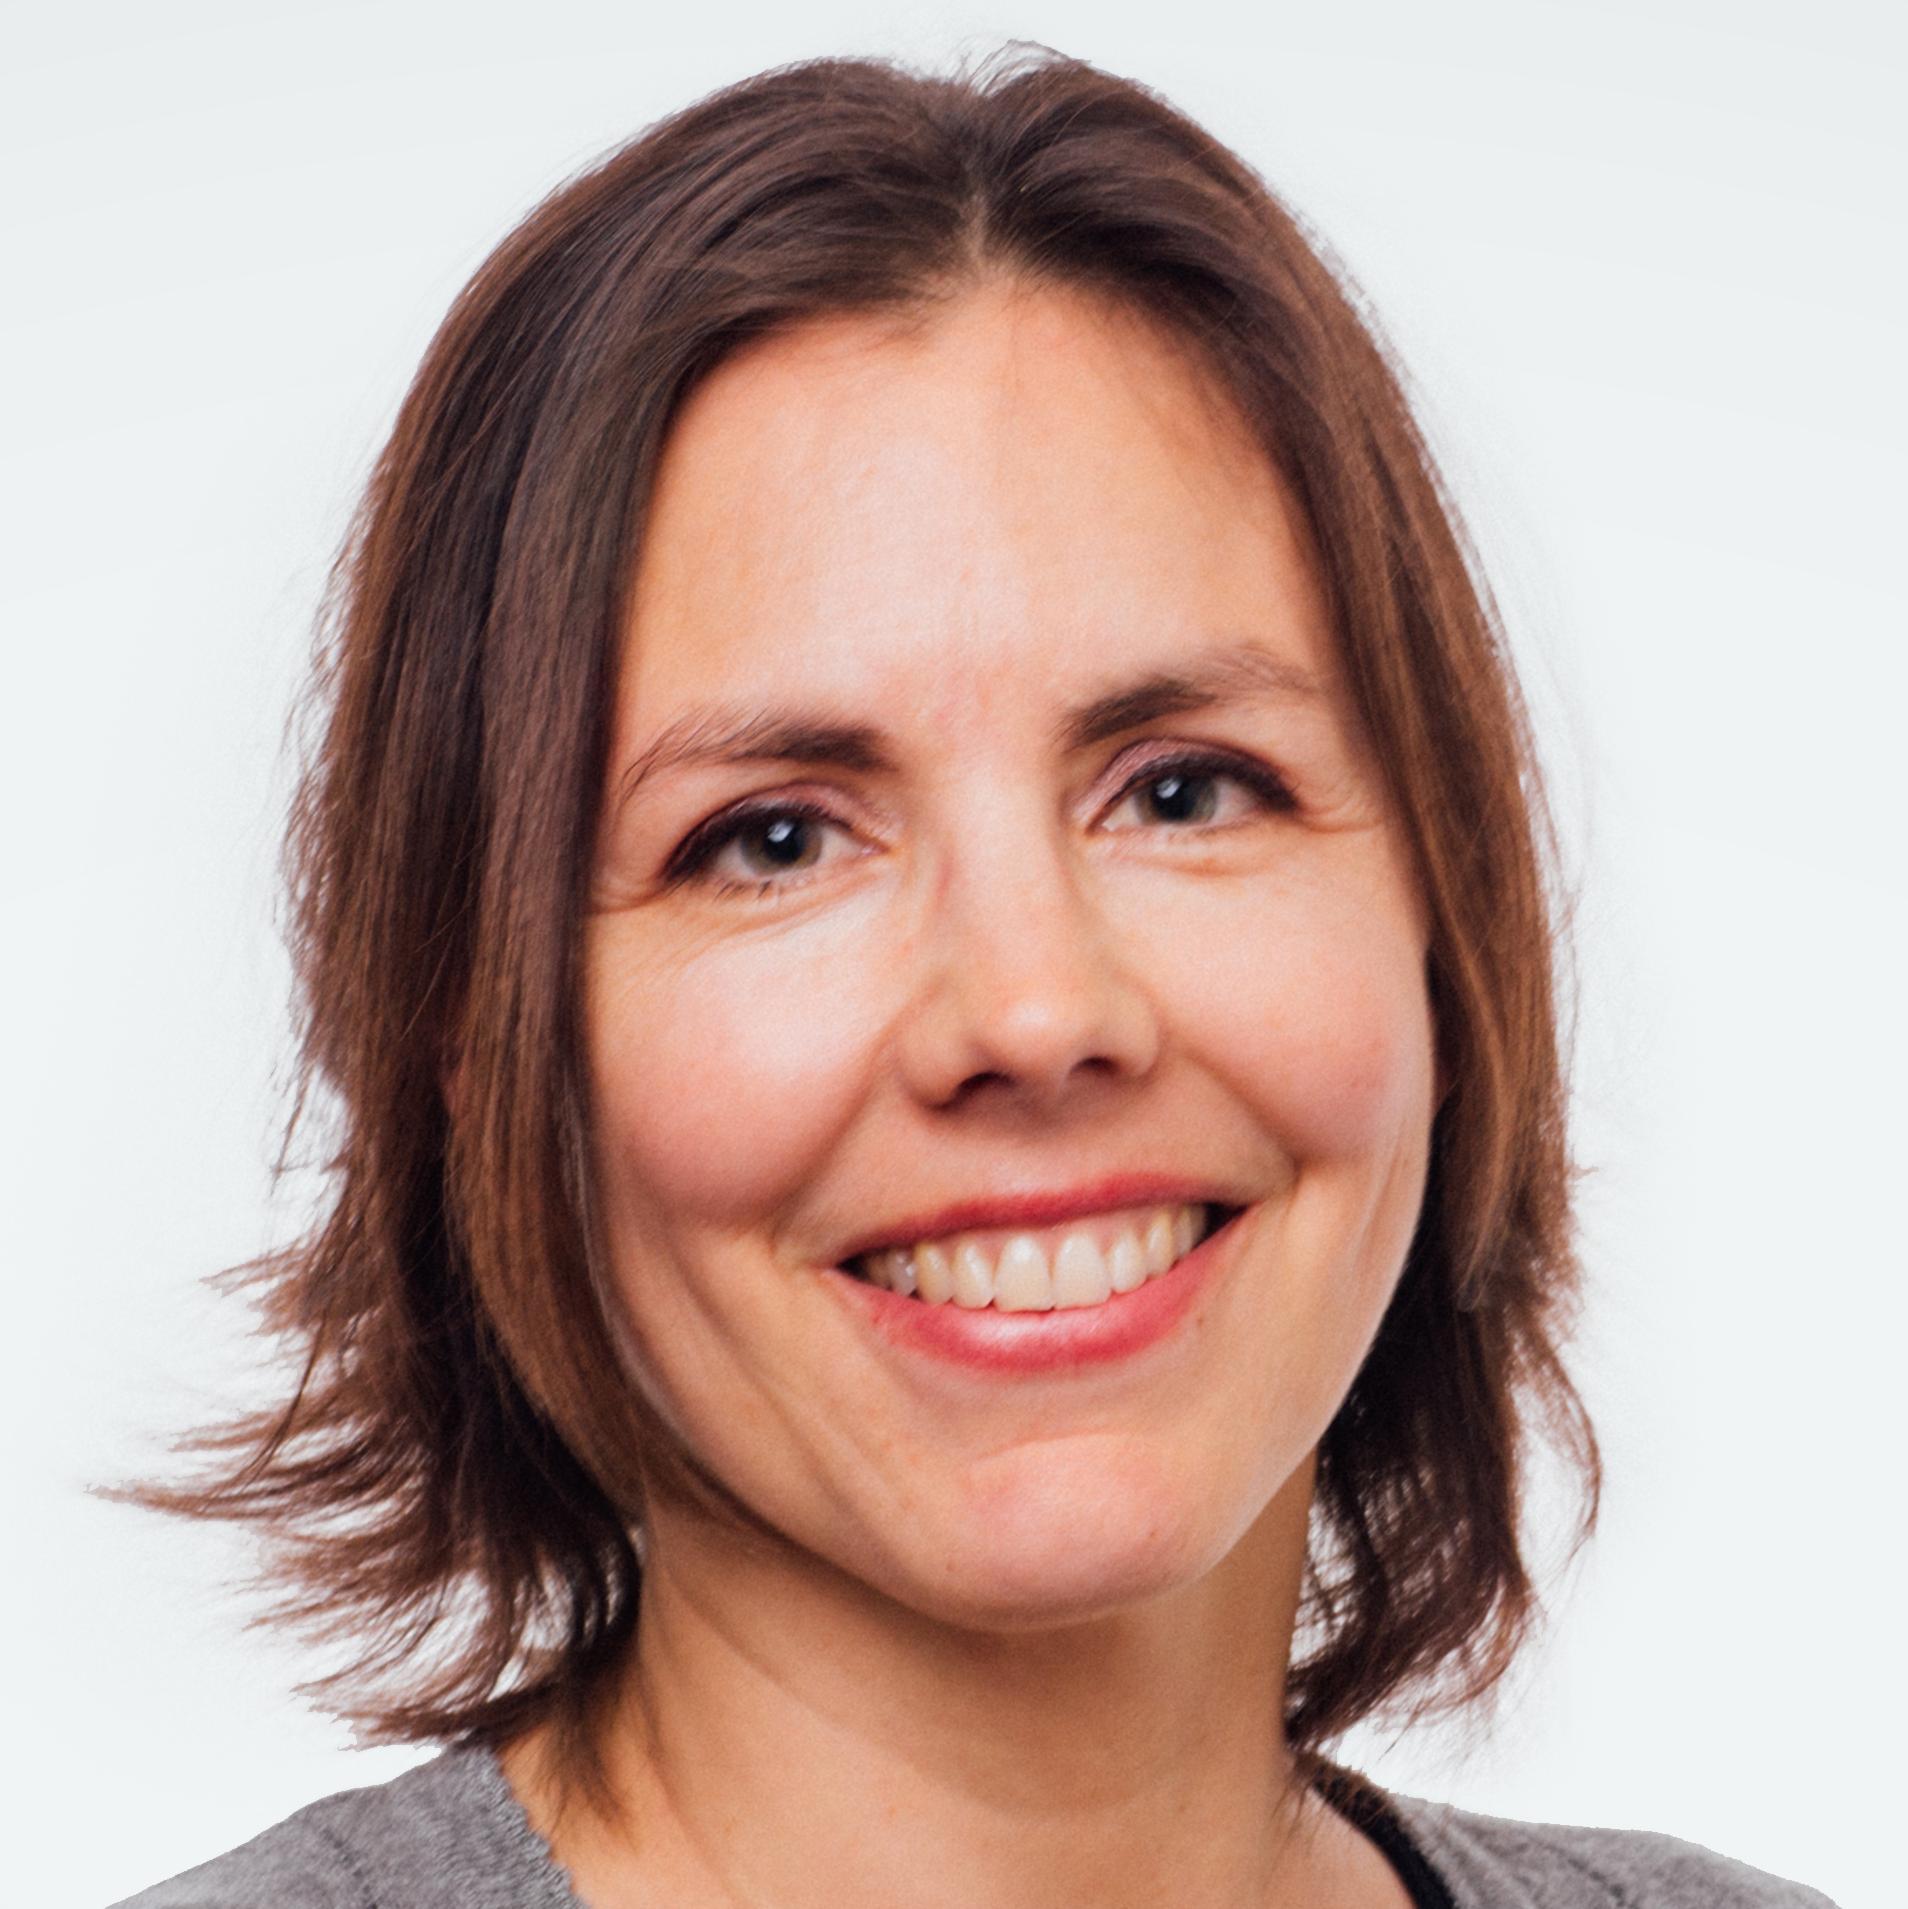 Hana Hofman